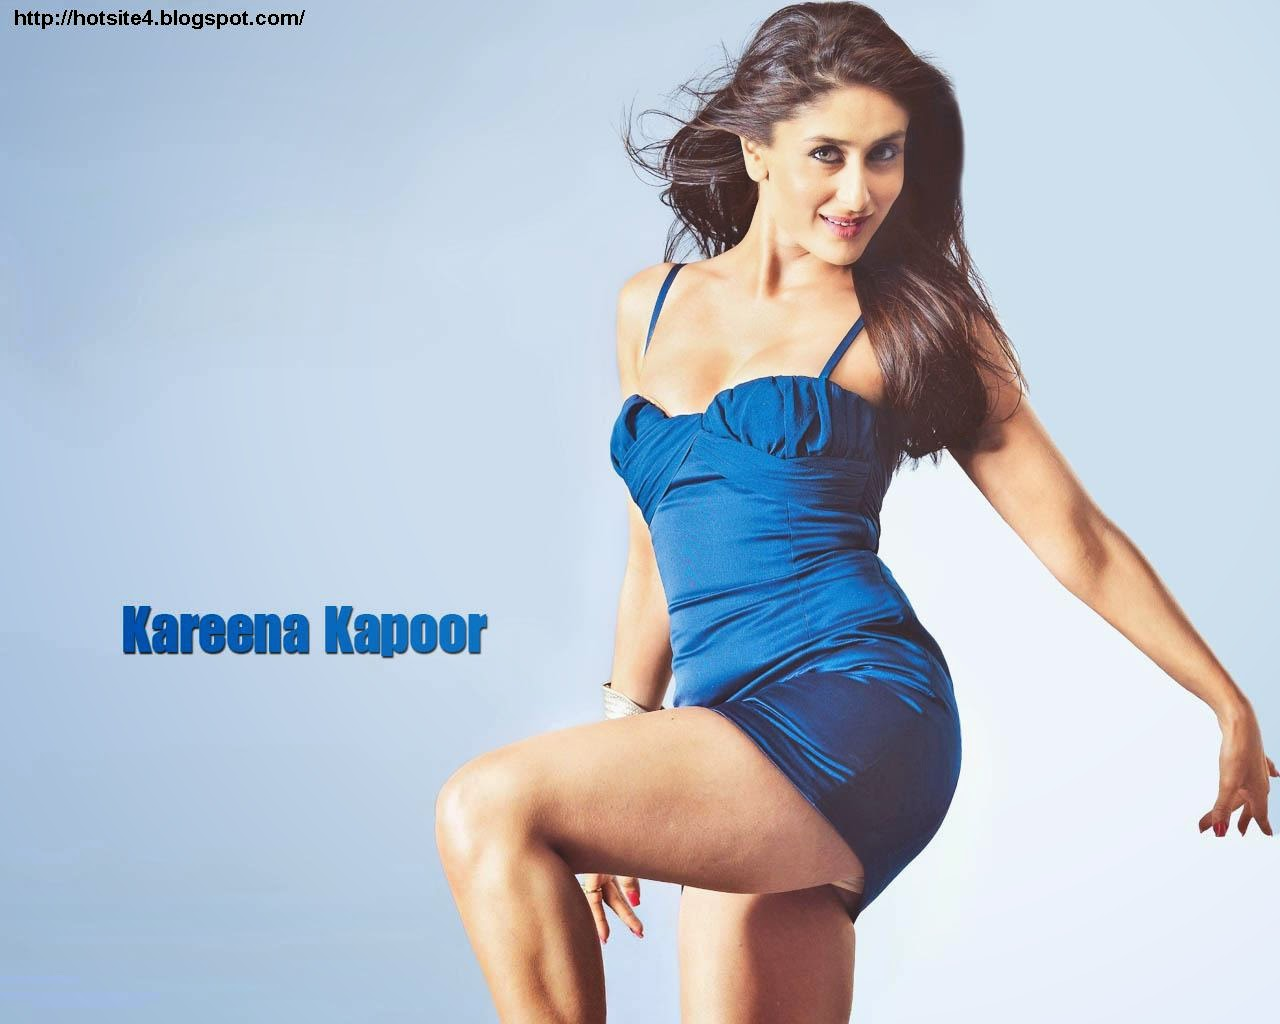 Karina Kapoor Hd 2014 Wallpapers